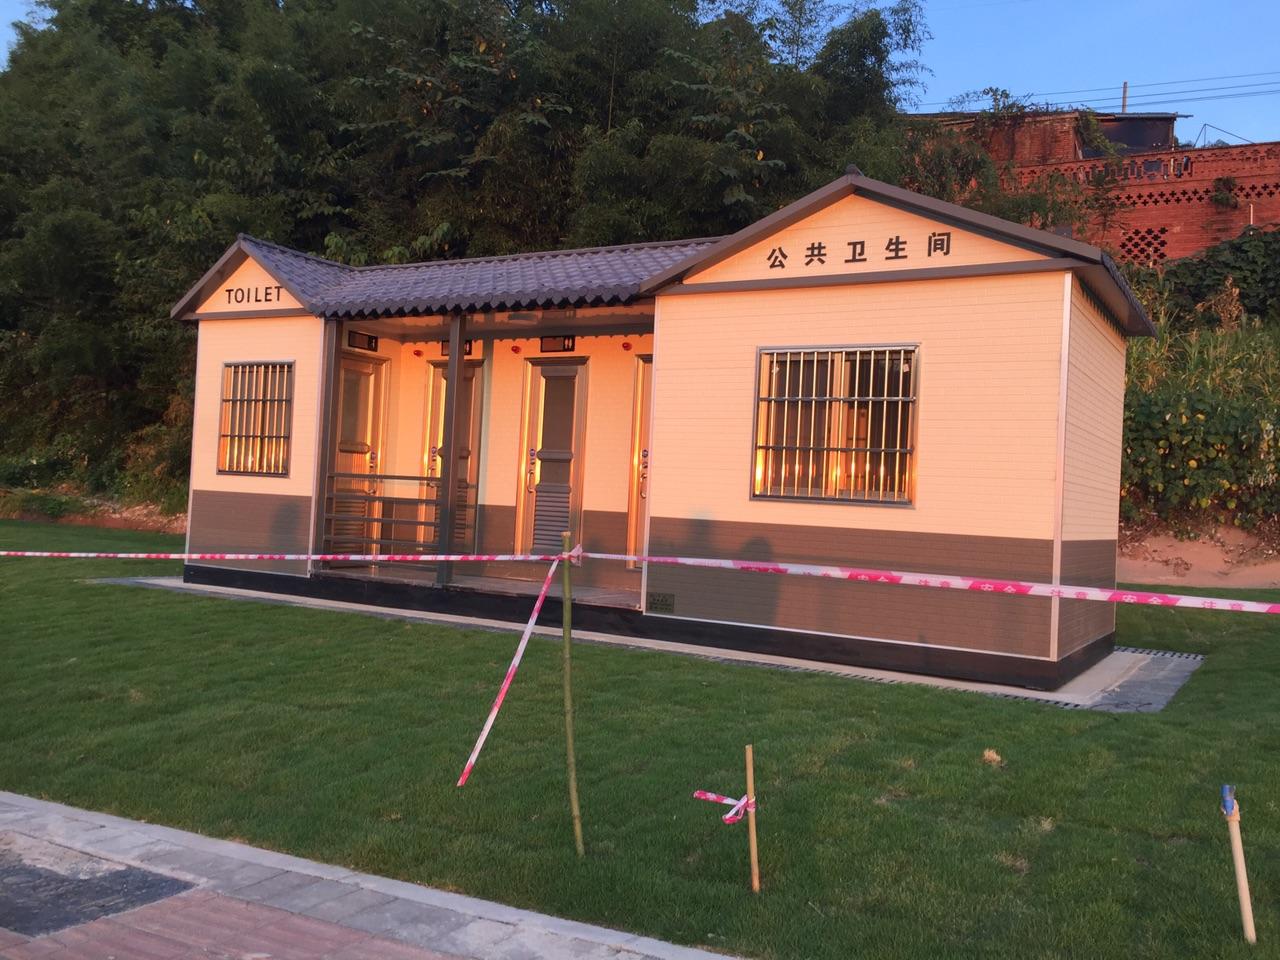 梁平司马山这里公厕修好了,纳凉的人越来越多了